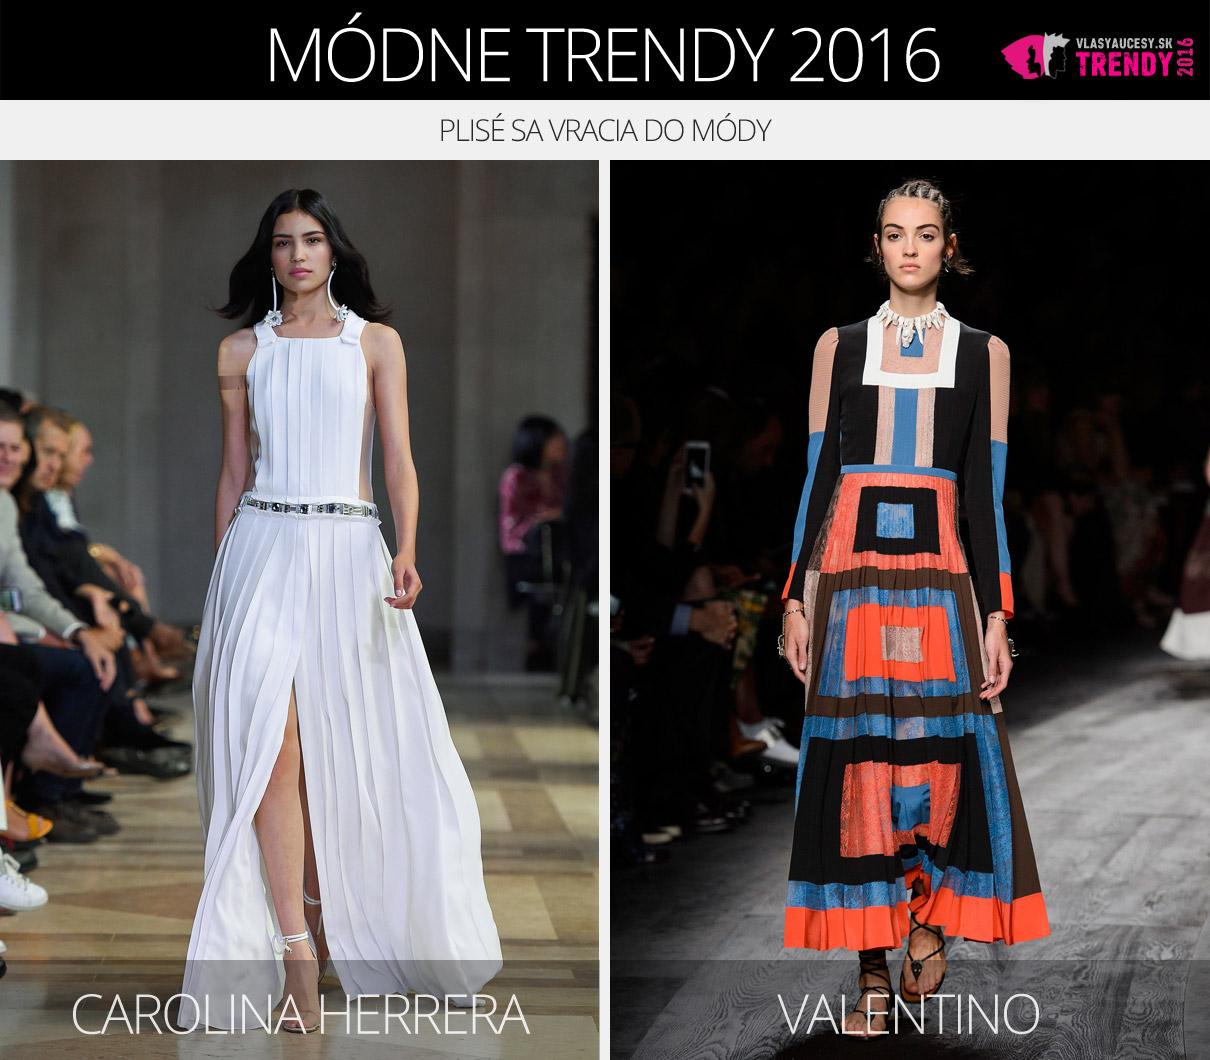 253594a66 Módne trendy 2016 – plisé sa vracia do módy. (Zľava: Carolina Herrera a